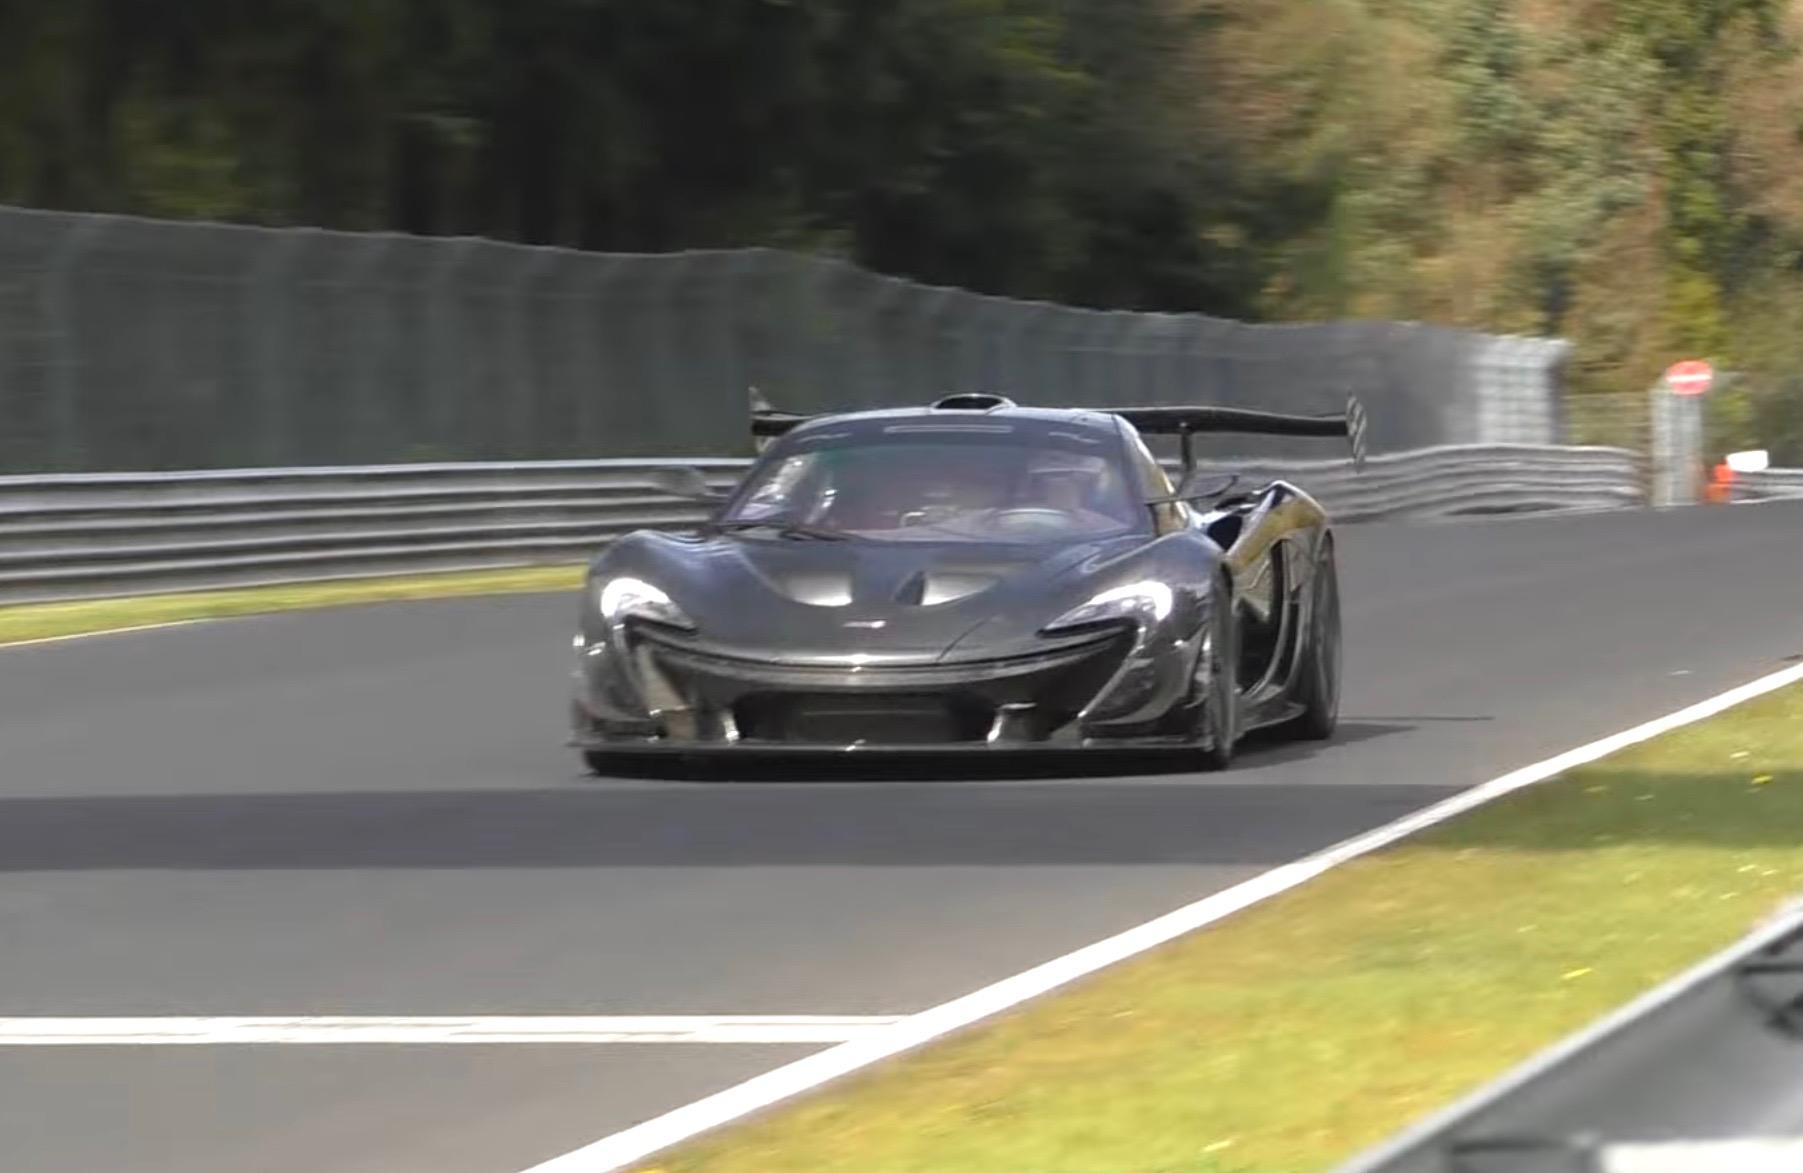 McLaren-P1-LM-at-Nurburgring Interesting Porsche 911 Gt2 Rs Nurburgring Lap Cars Trend